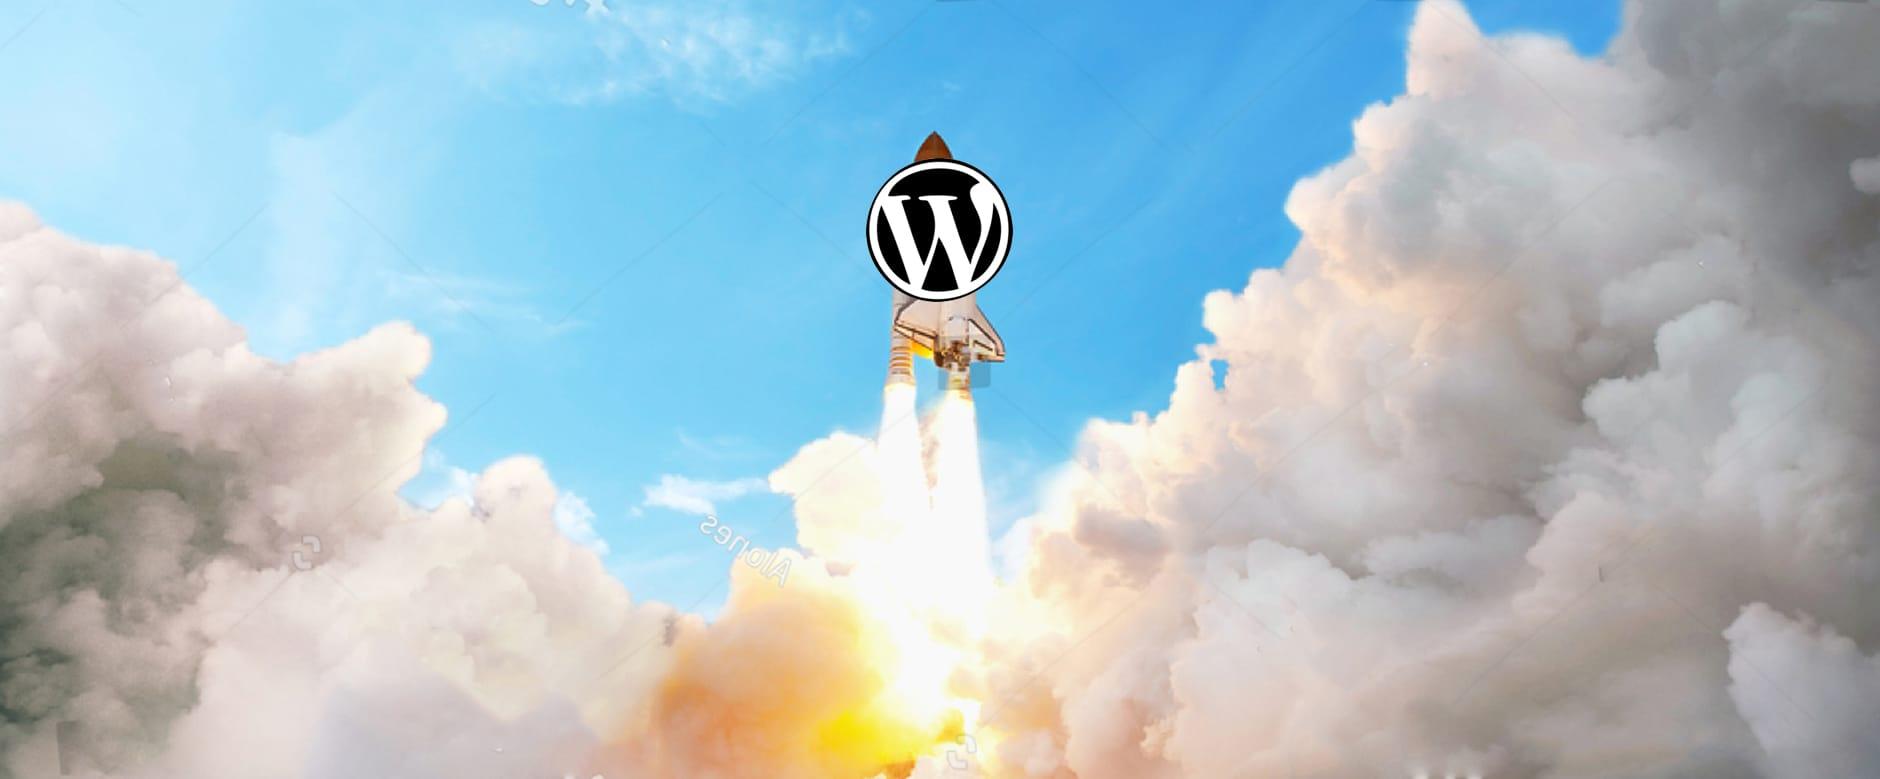 4 Meilleures Techniques pour Accélérer WordPress